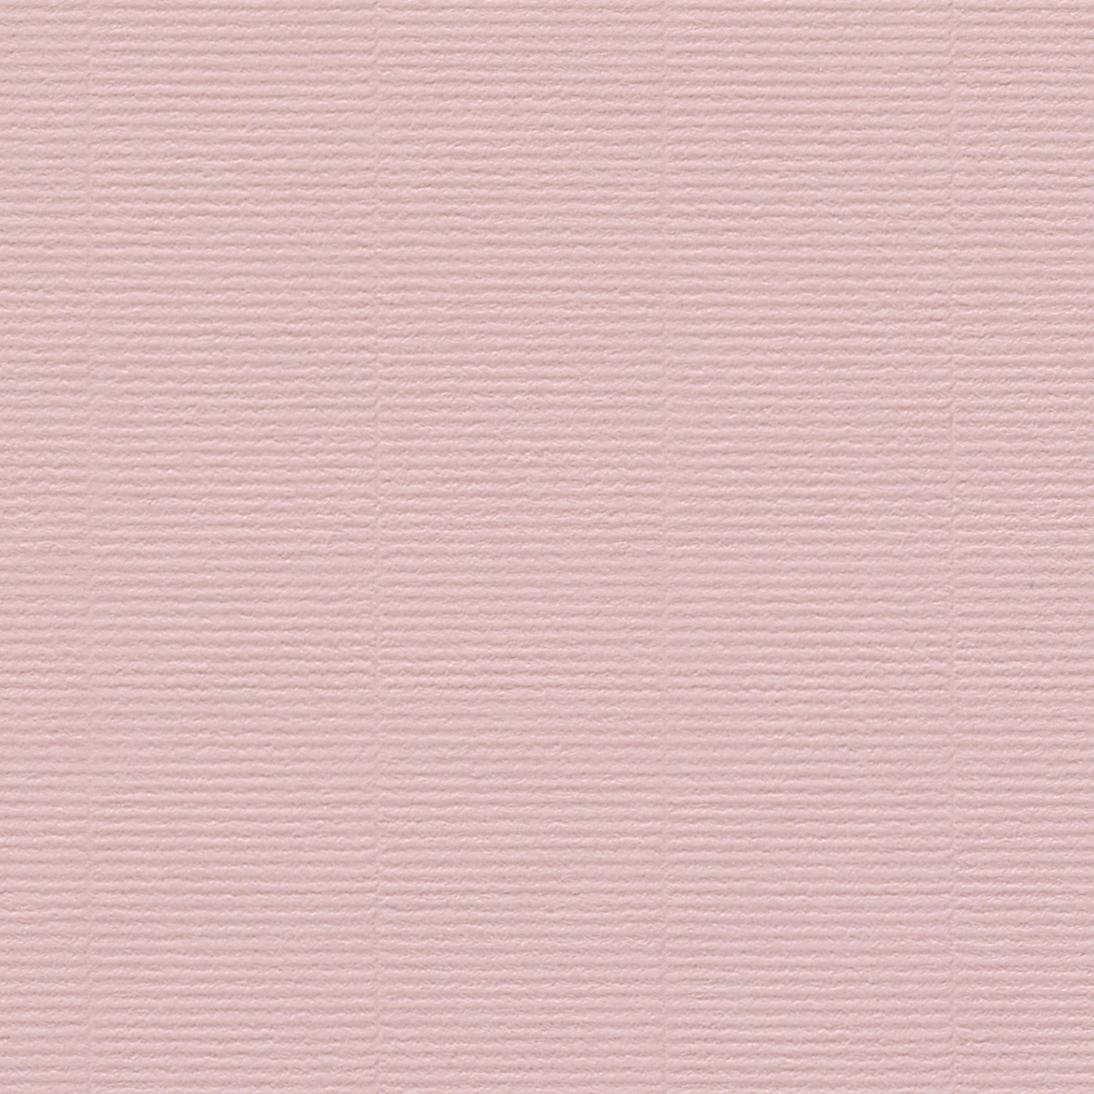 Wohnzimmerz Farbe Altrosa With Gmund Vice Versa Tipps Tricks Und